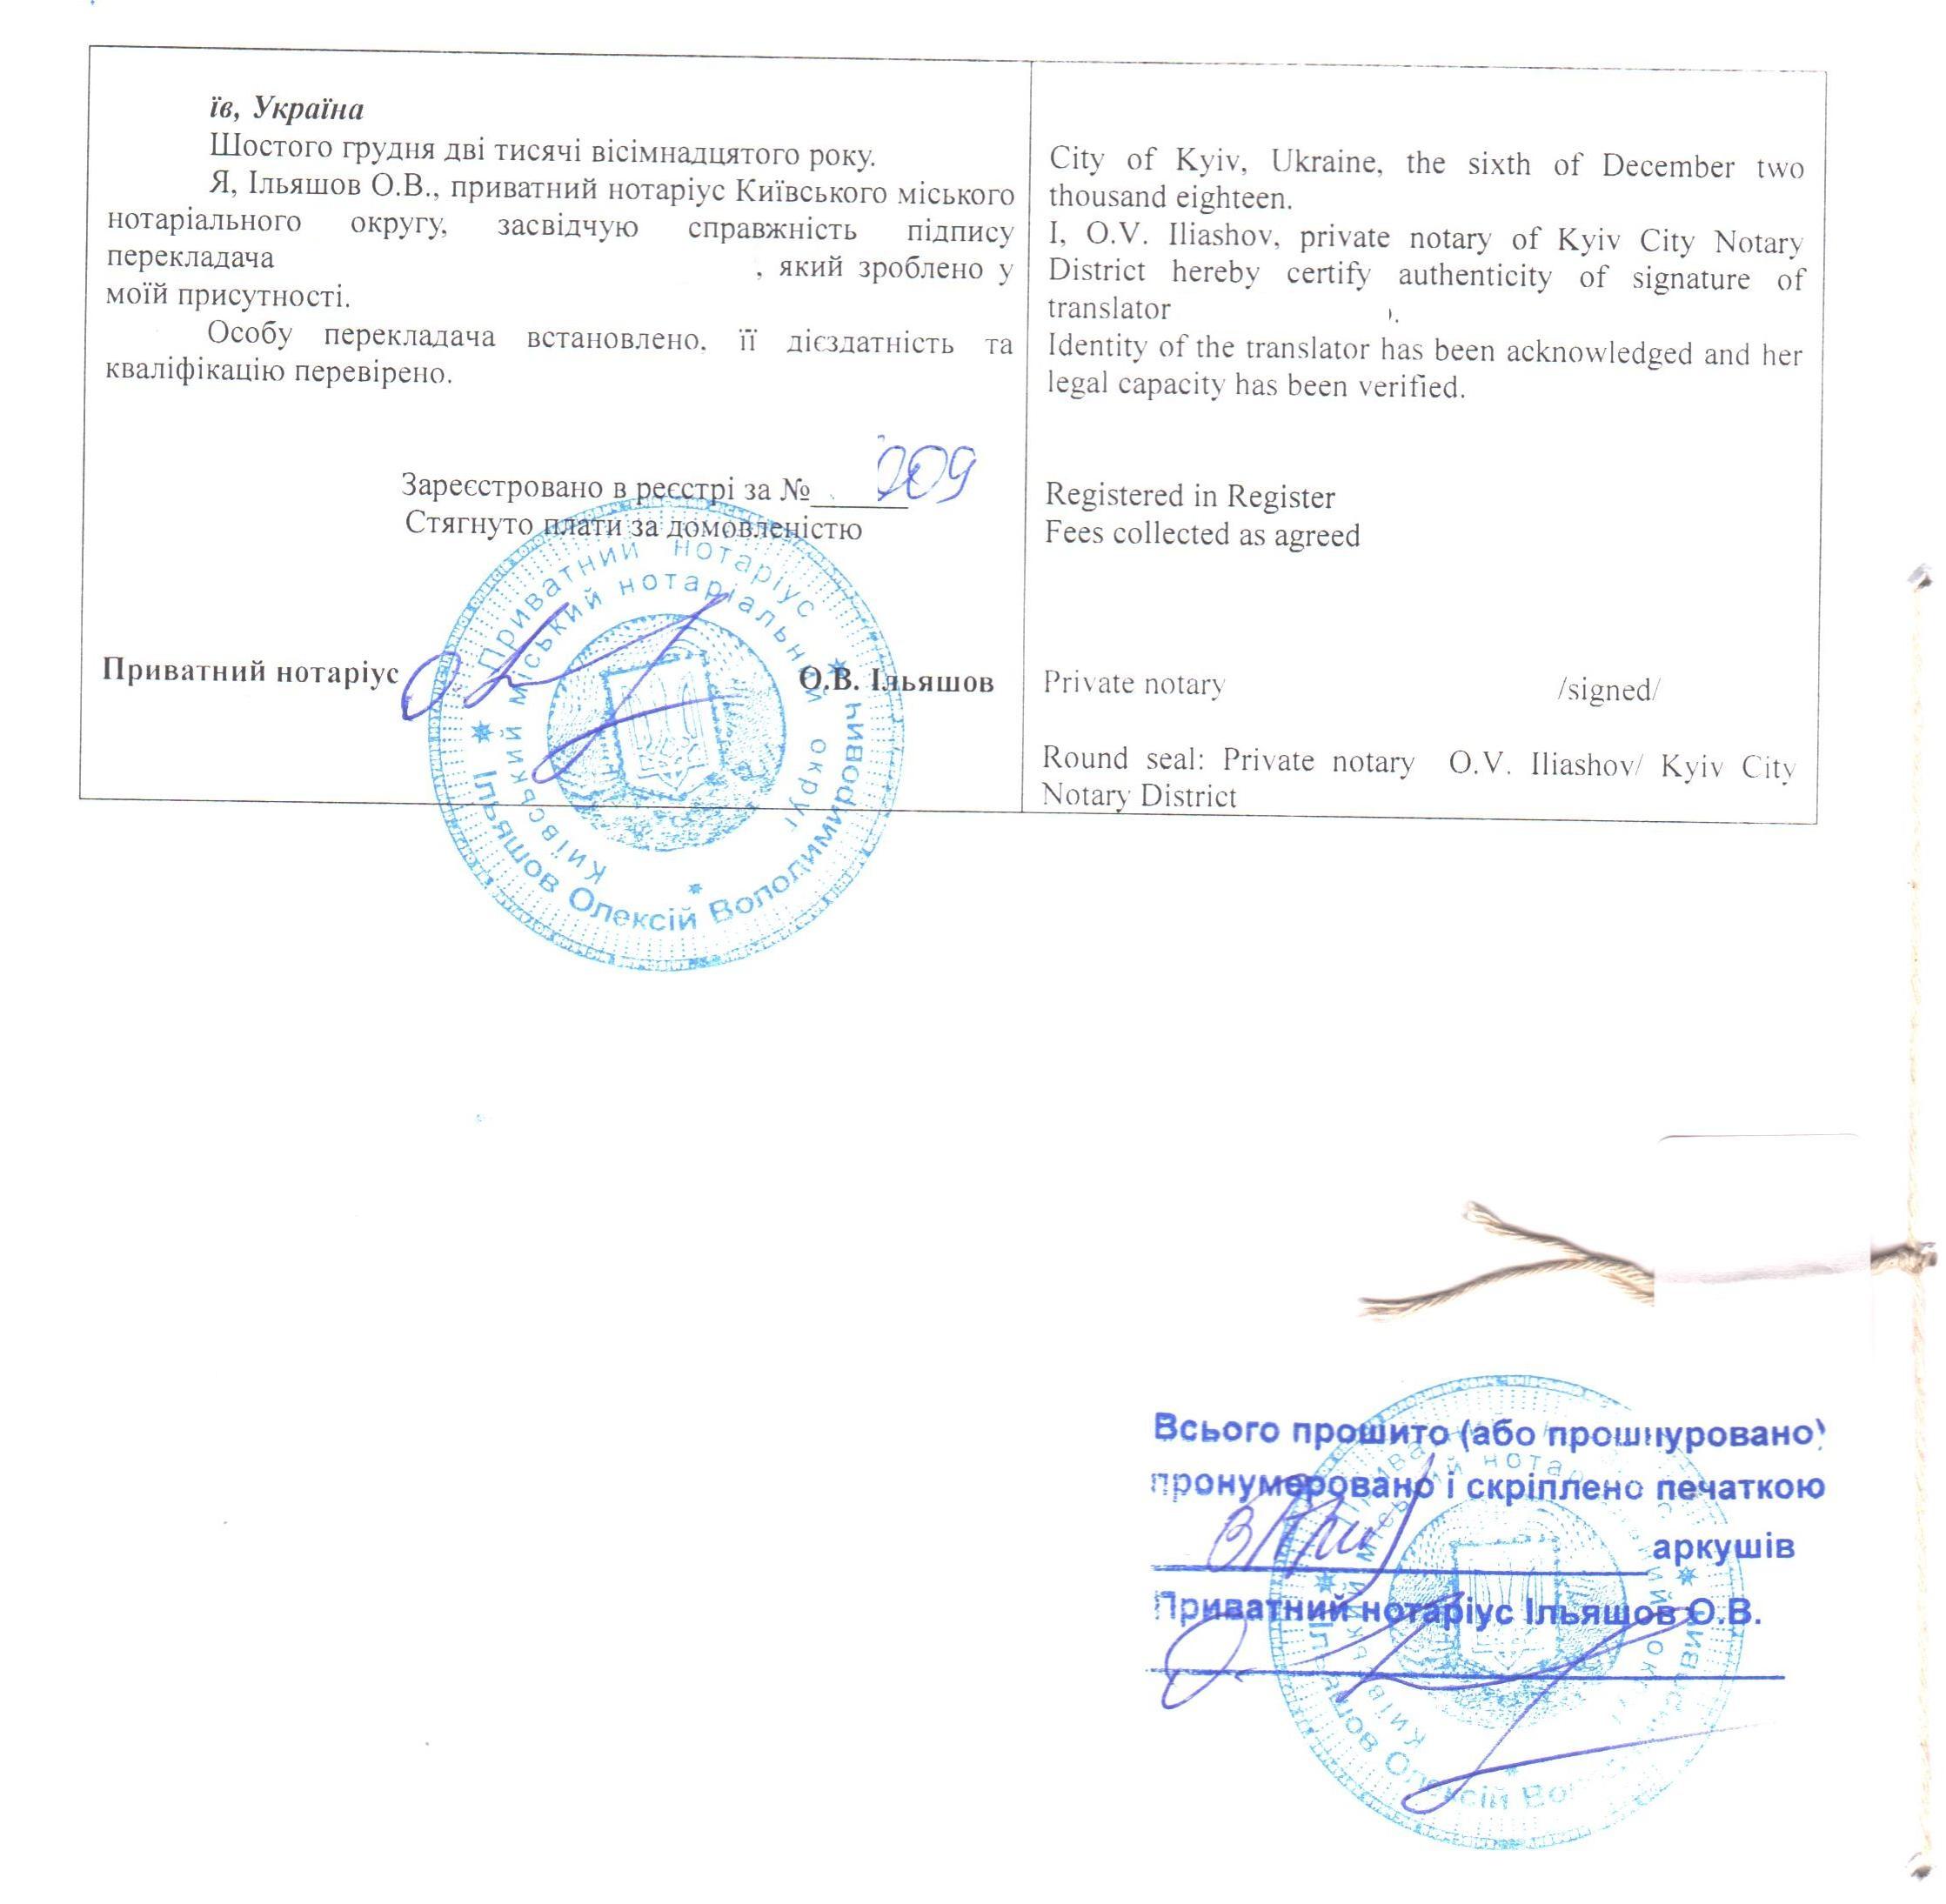 Traducción al ruso y ucraniano